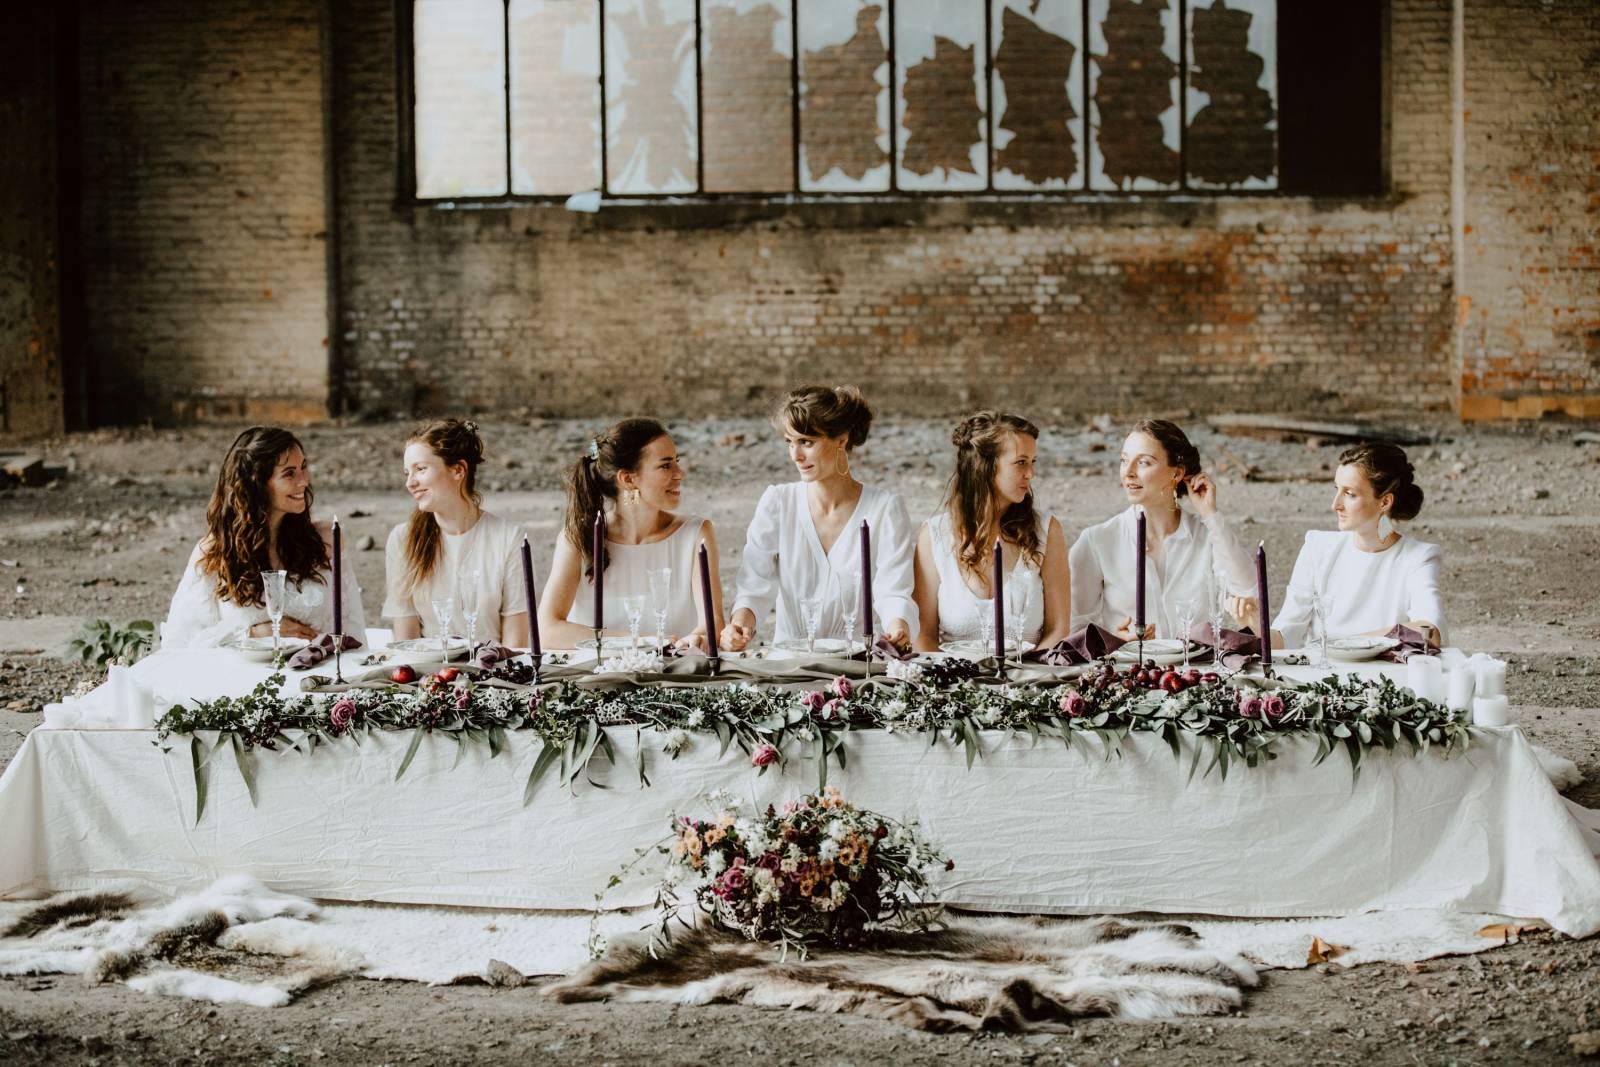 LO VE - Make-up & Haar - House of Weddings - 8